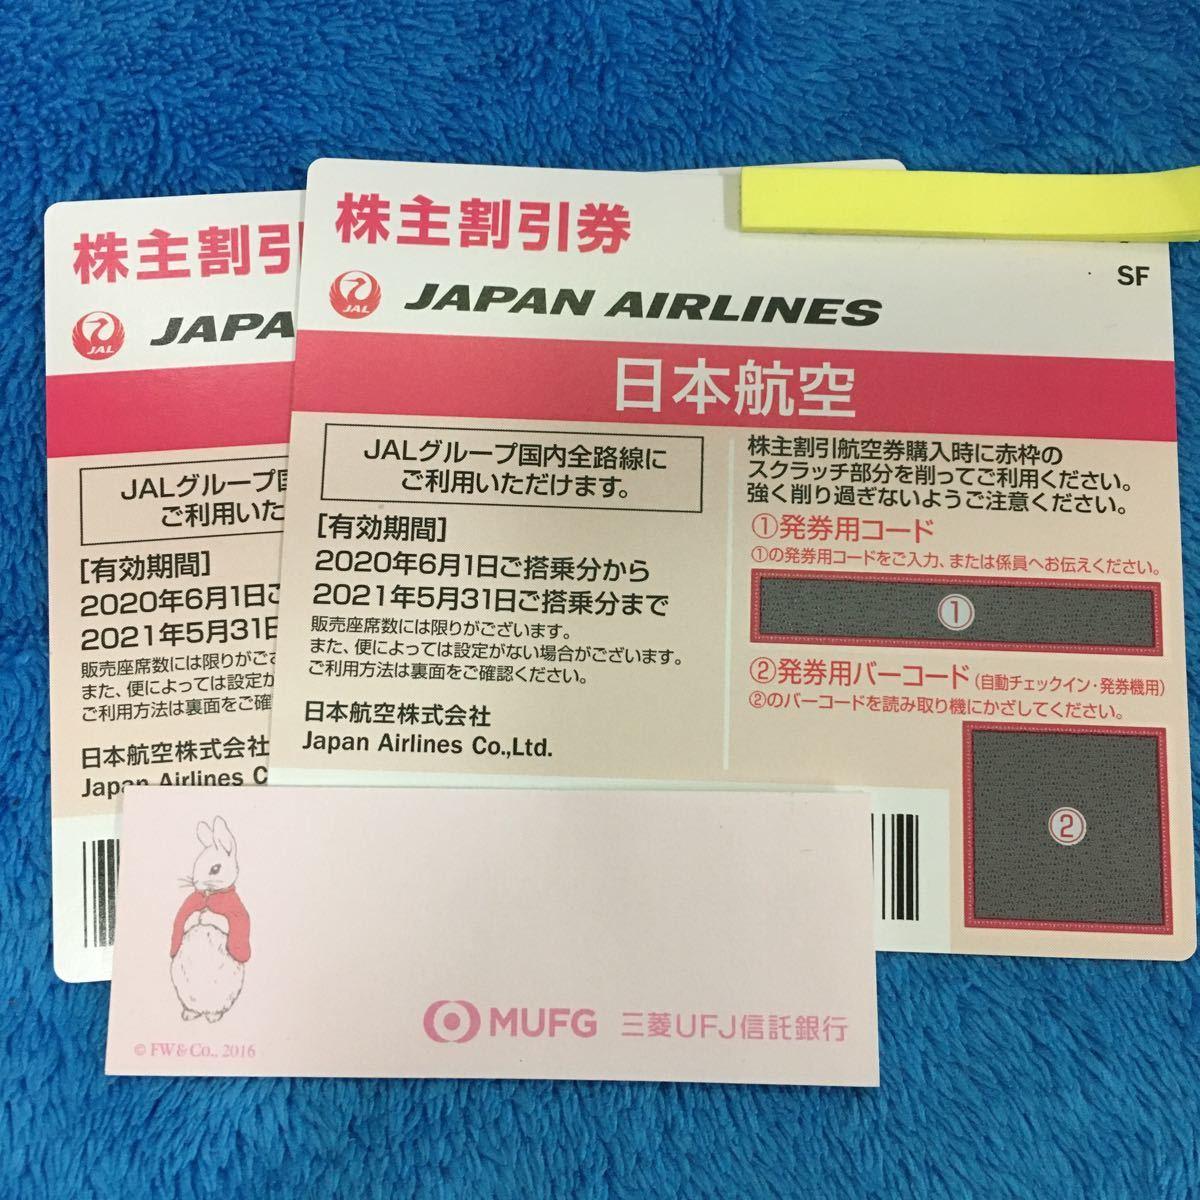 JAL 日本航空 株主優待券2枚 50%割引(片道)番号通知のみ送料無料 6月1日~2021年5月31日搭乗分 航空券 割引券_画像1